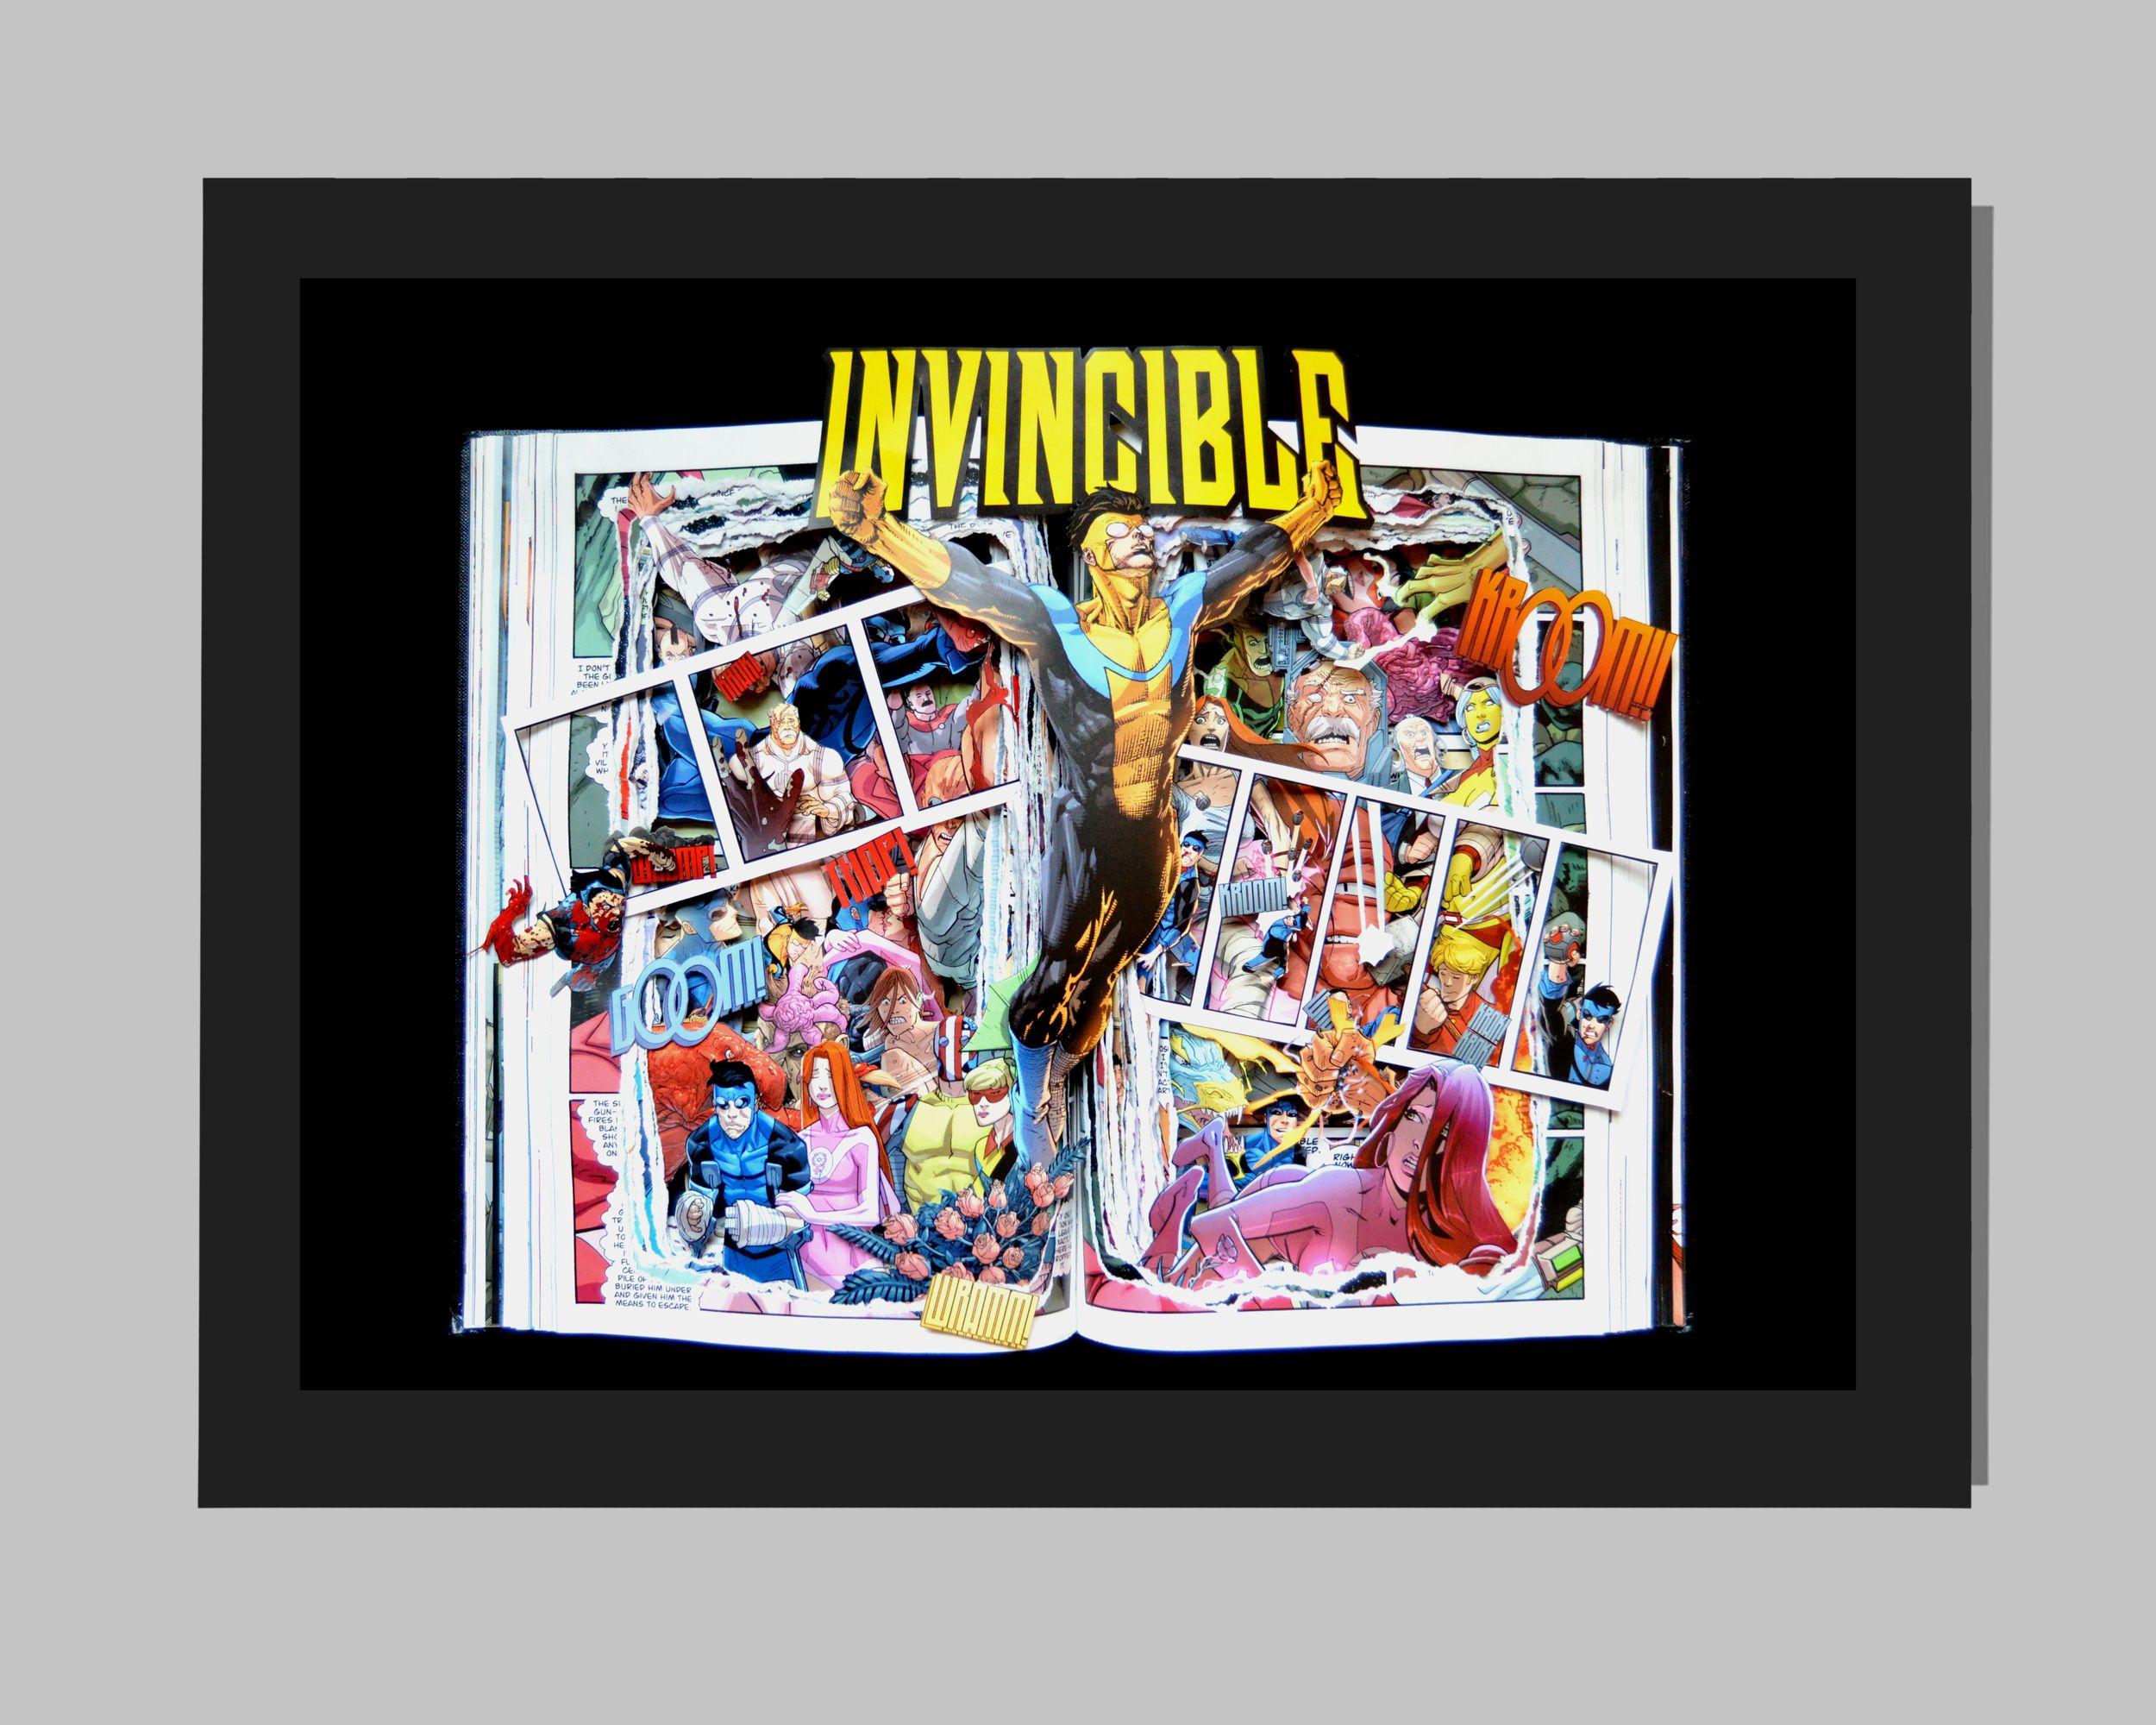 Invincible Graphic Novel Book Sculpture - 16x20x3